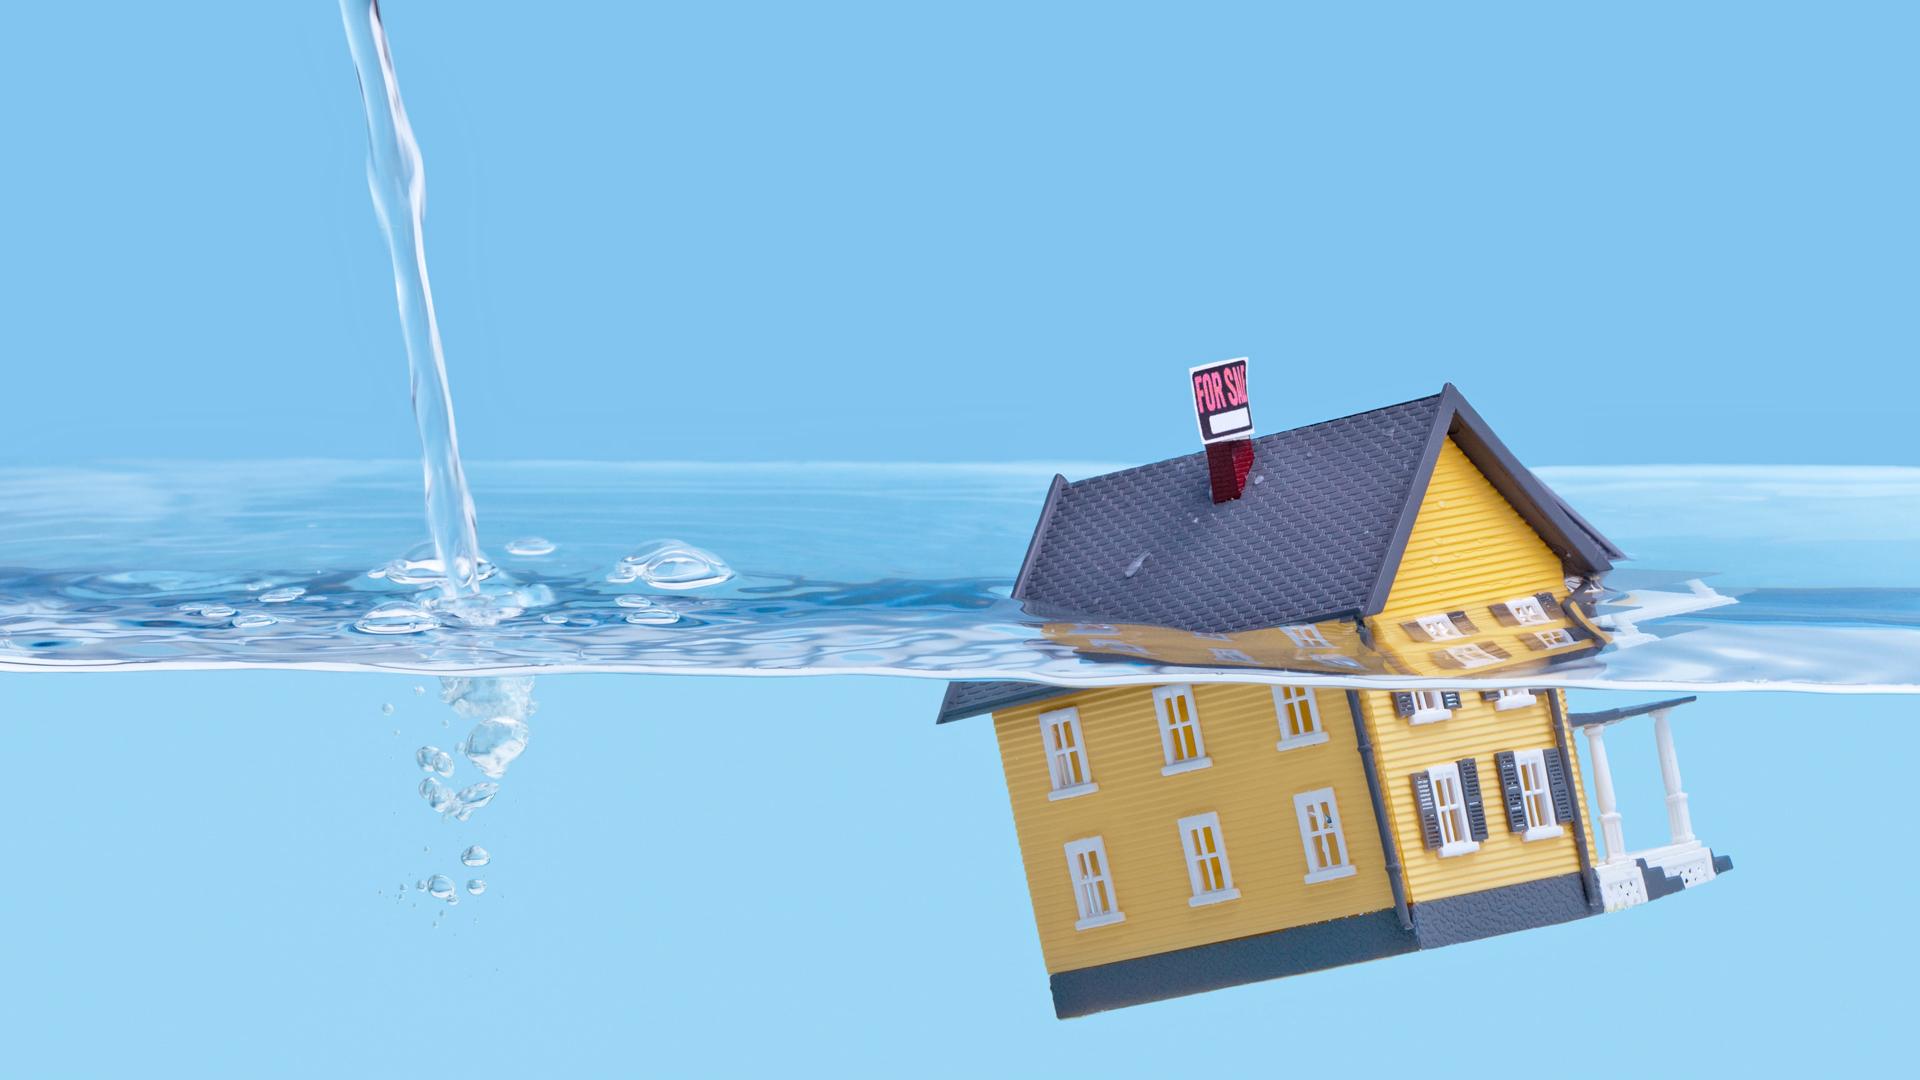 Überschwemmungs-/Rückstauschaden in der Elementarschadenversicherung